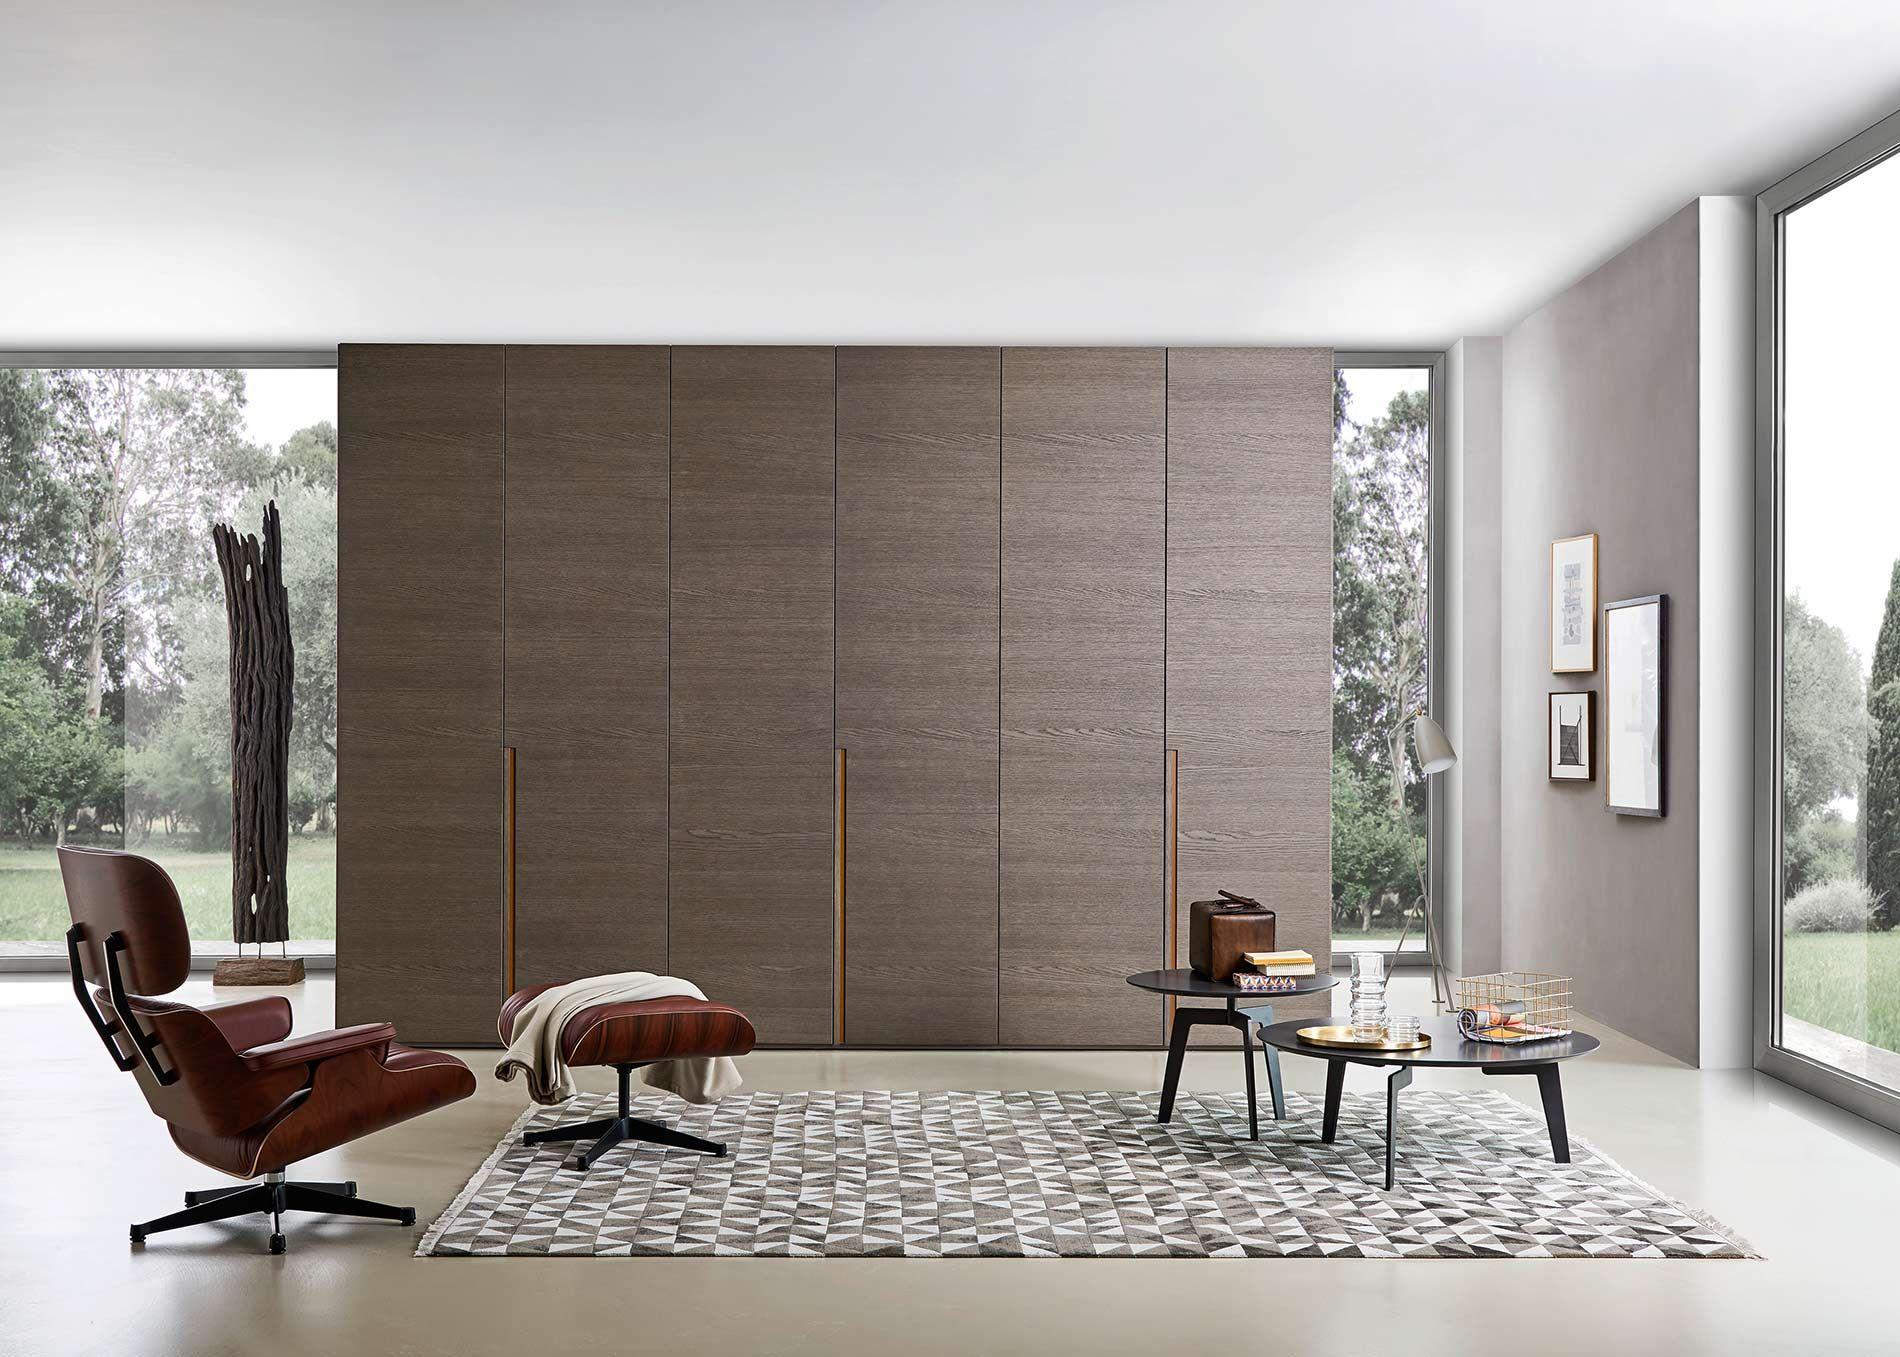 #Kleiderschrank #wardrobe #closet #dressingroom #bedroom #Schlafzimmer  #Ankleidezimmer #furniture #interior #interiordesign #inspiration #modern  #trend ...